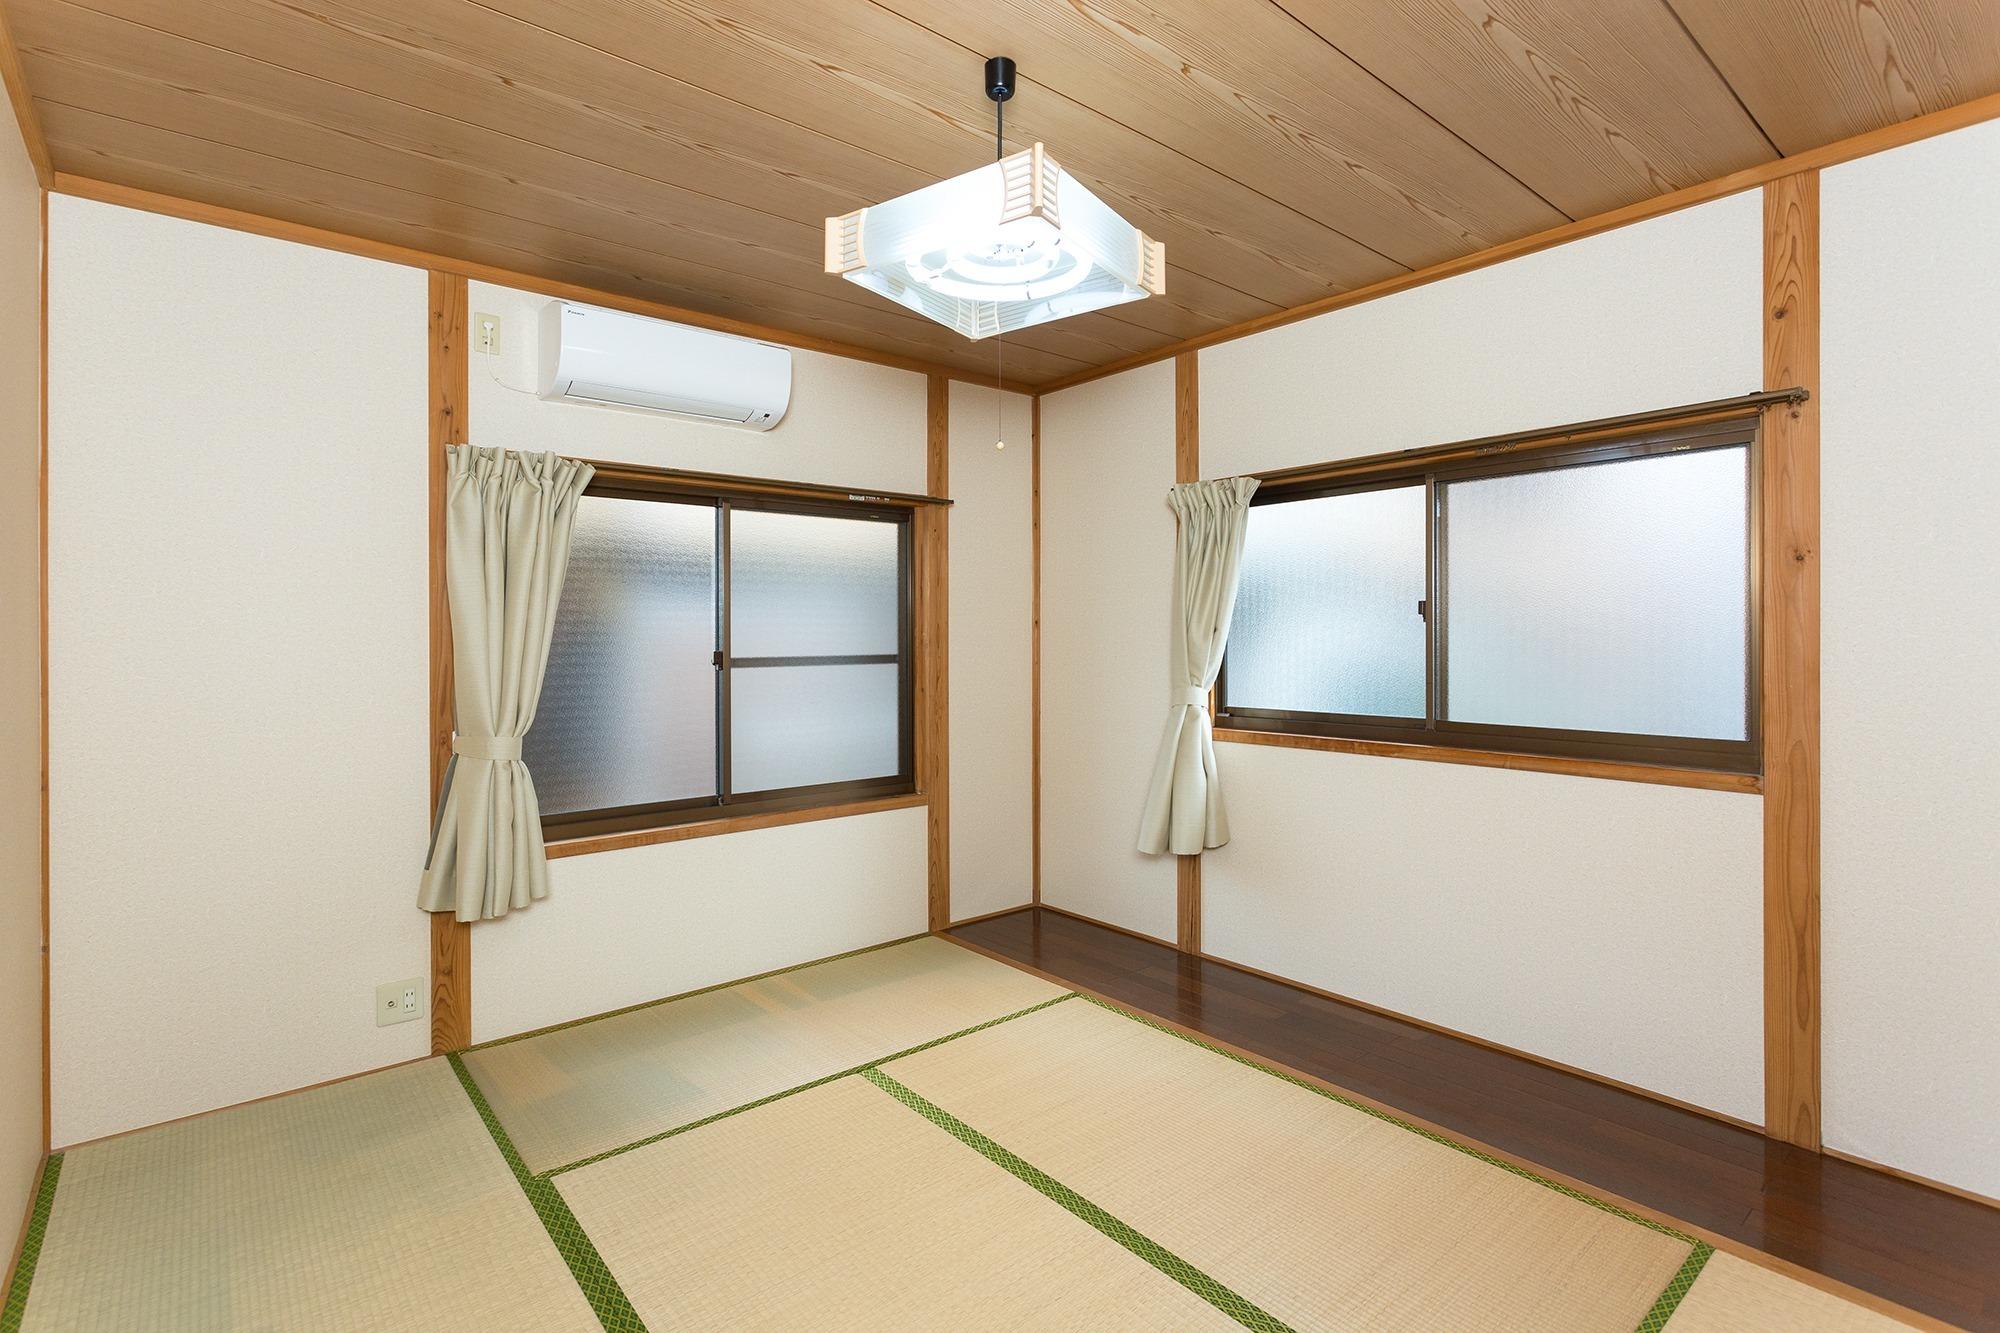 マツケンの宿 5号室(はさみ温泉湯治楼入浴券付き)